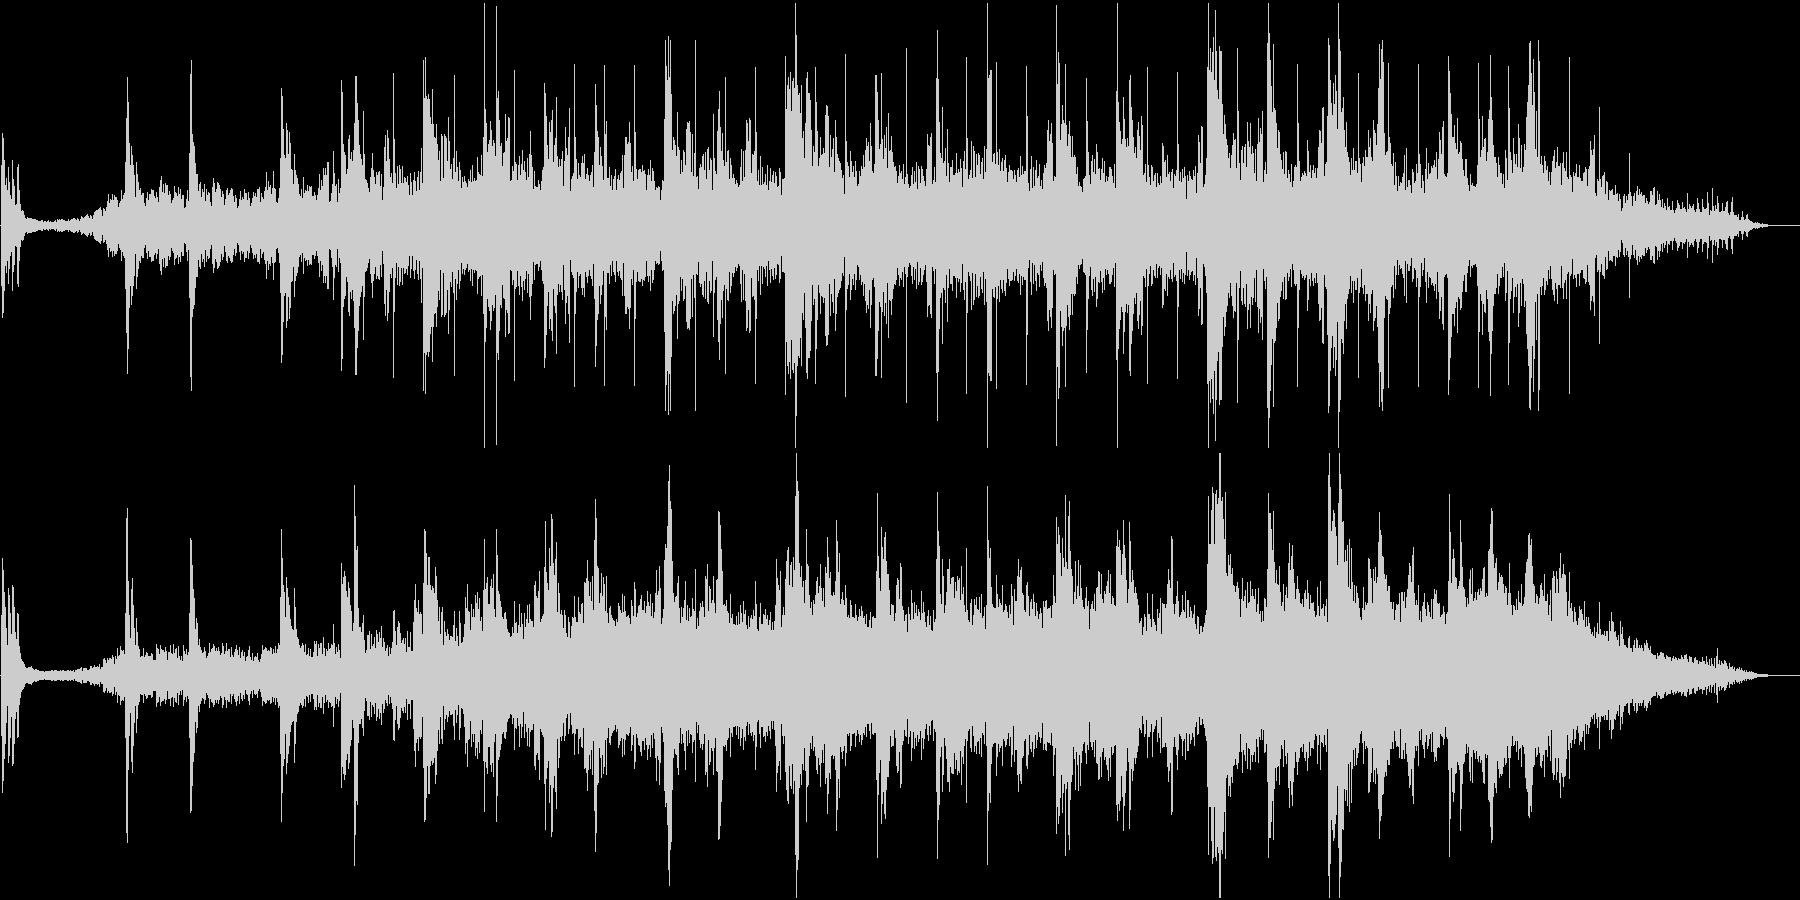 アンビエントなやわらかい響きの音楽の未再生の波形